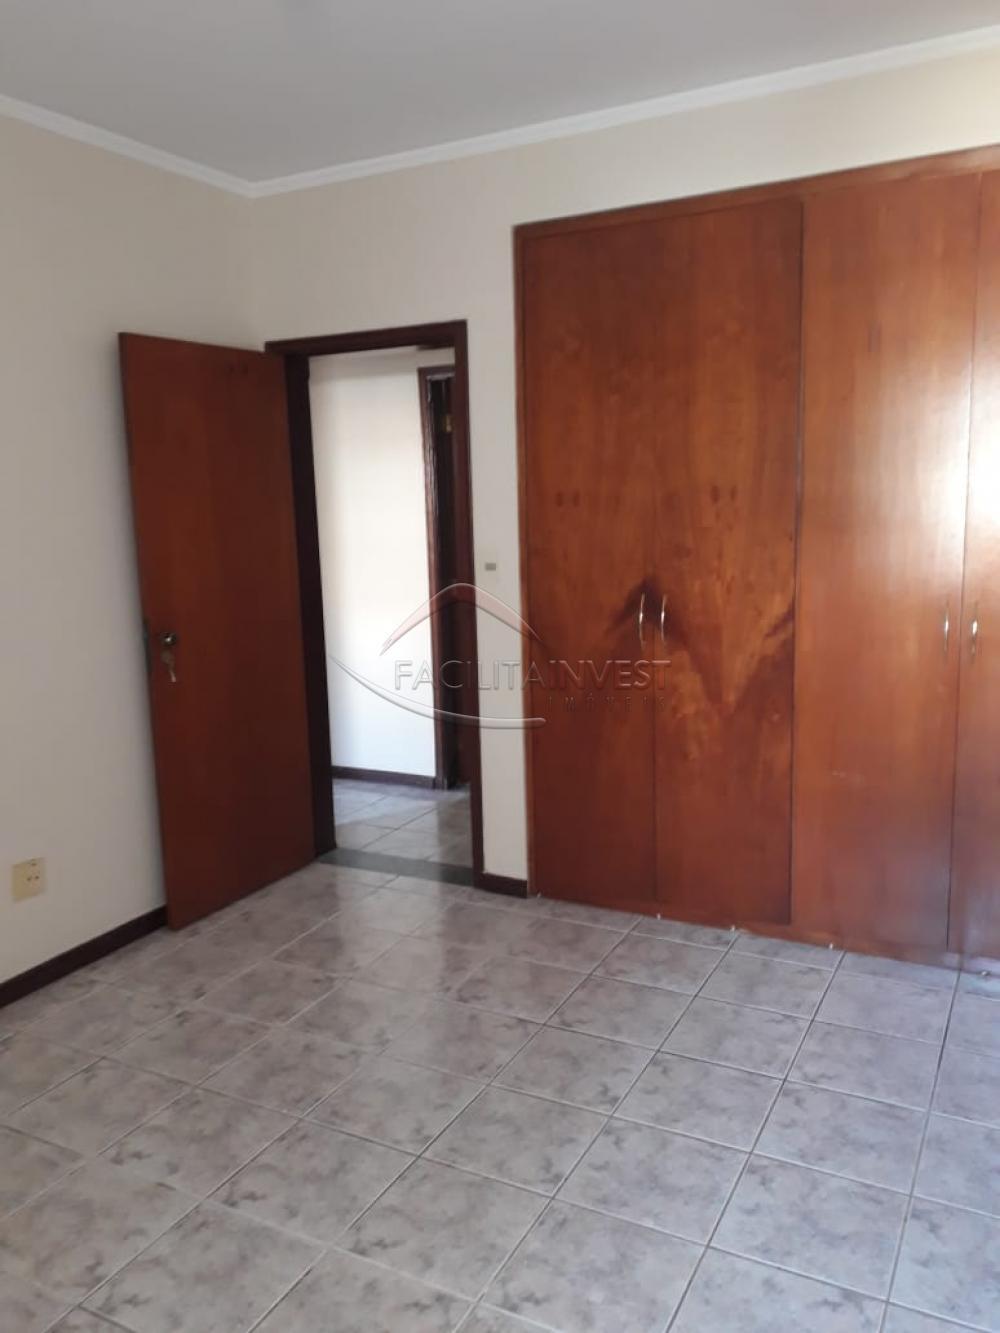 Comprar Apartamentos / Apart. Padrão em Ribeirão Preto apenas R$ 279.000,00 - Foto 10